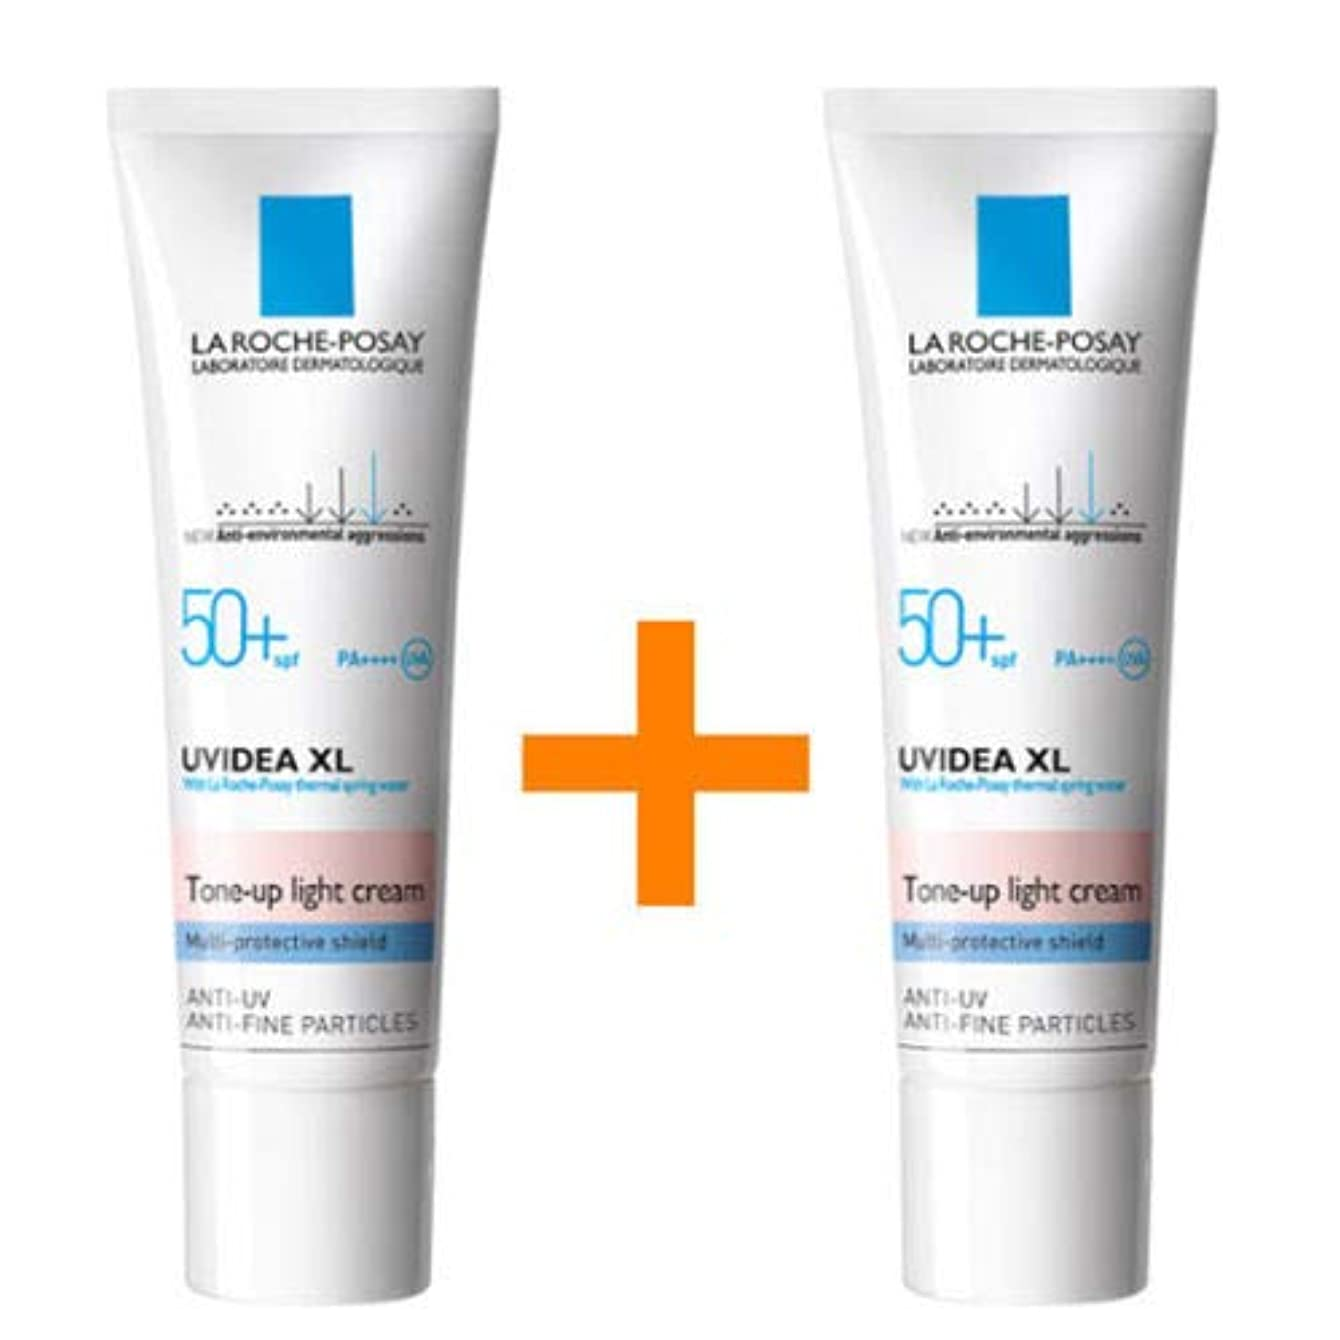 法医学満州作曲する[1+1] La Roche-Posay ラロッシュポゼ UVイデア XL プロテクショントーンアップ Uvidea XL Tone-up Light Cream (30ml)